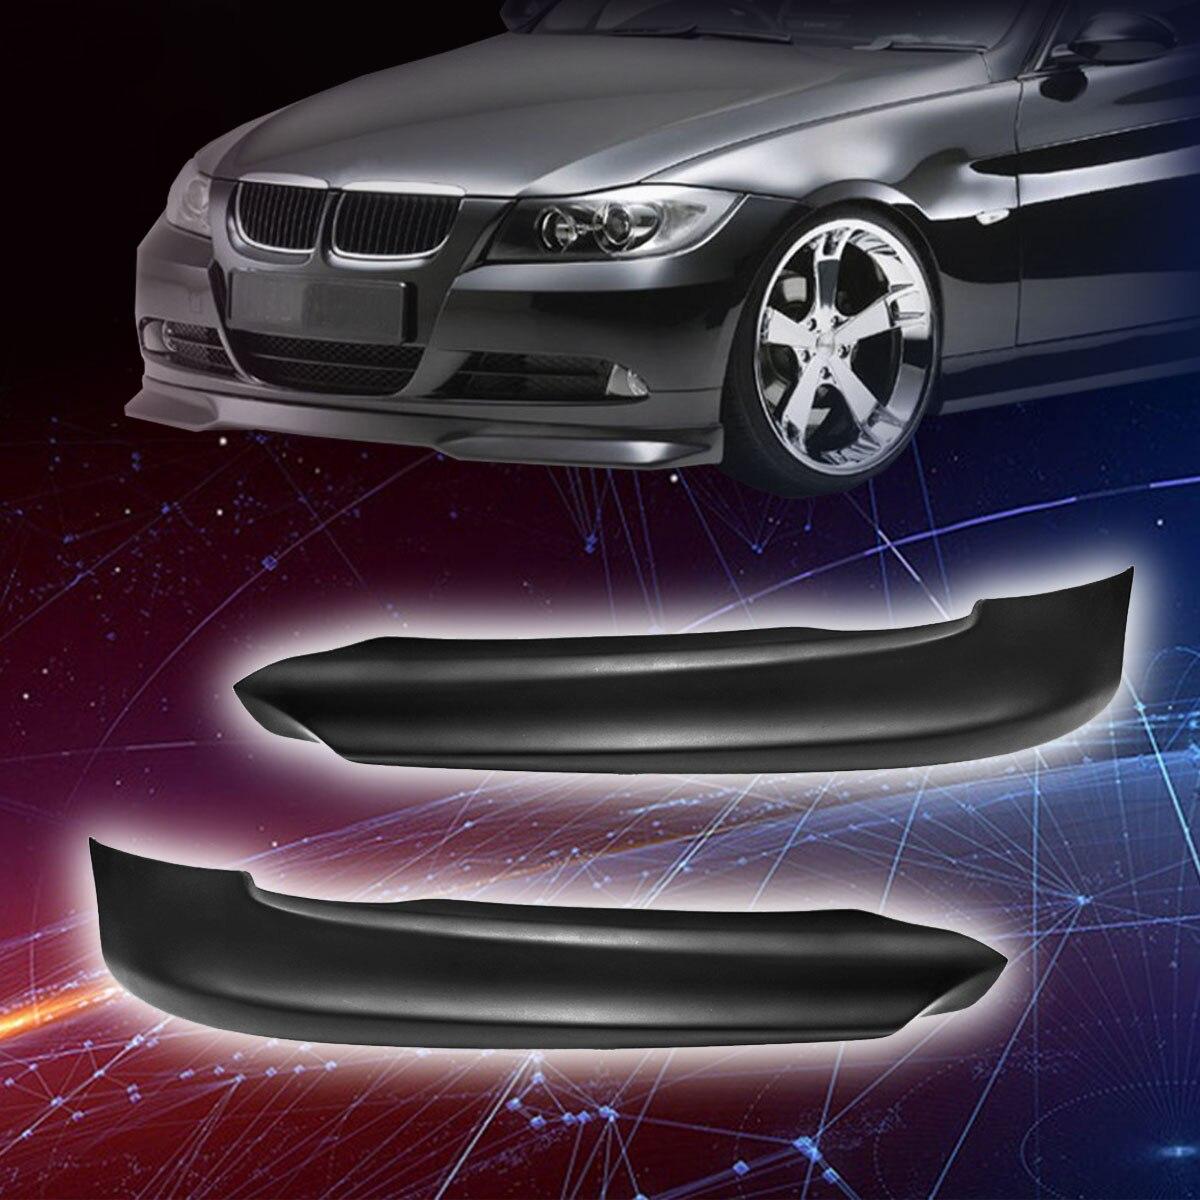 Для BMW E90 325i 335i 328i 330i 2005 2006 2007 2008 1 пара передний бампер спойлер Splitter высокого качества